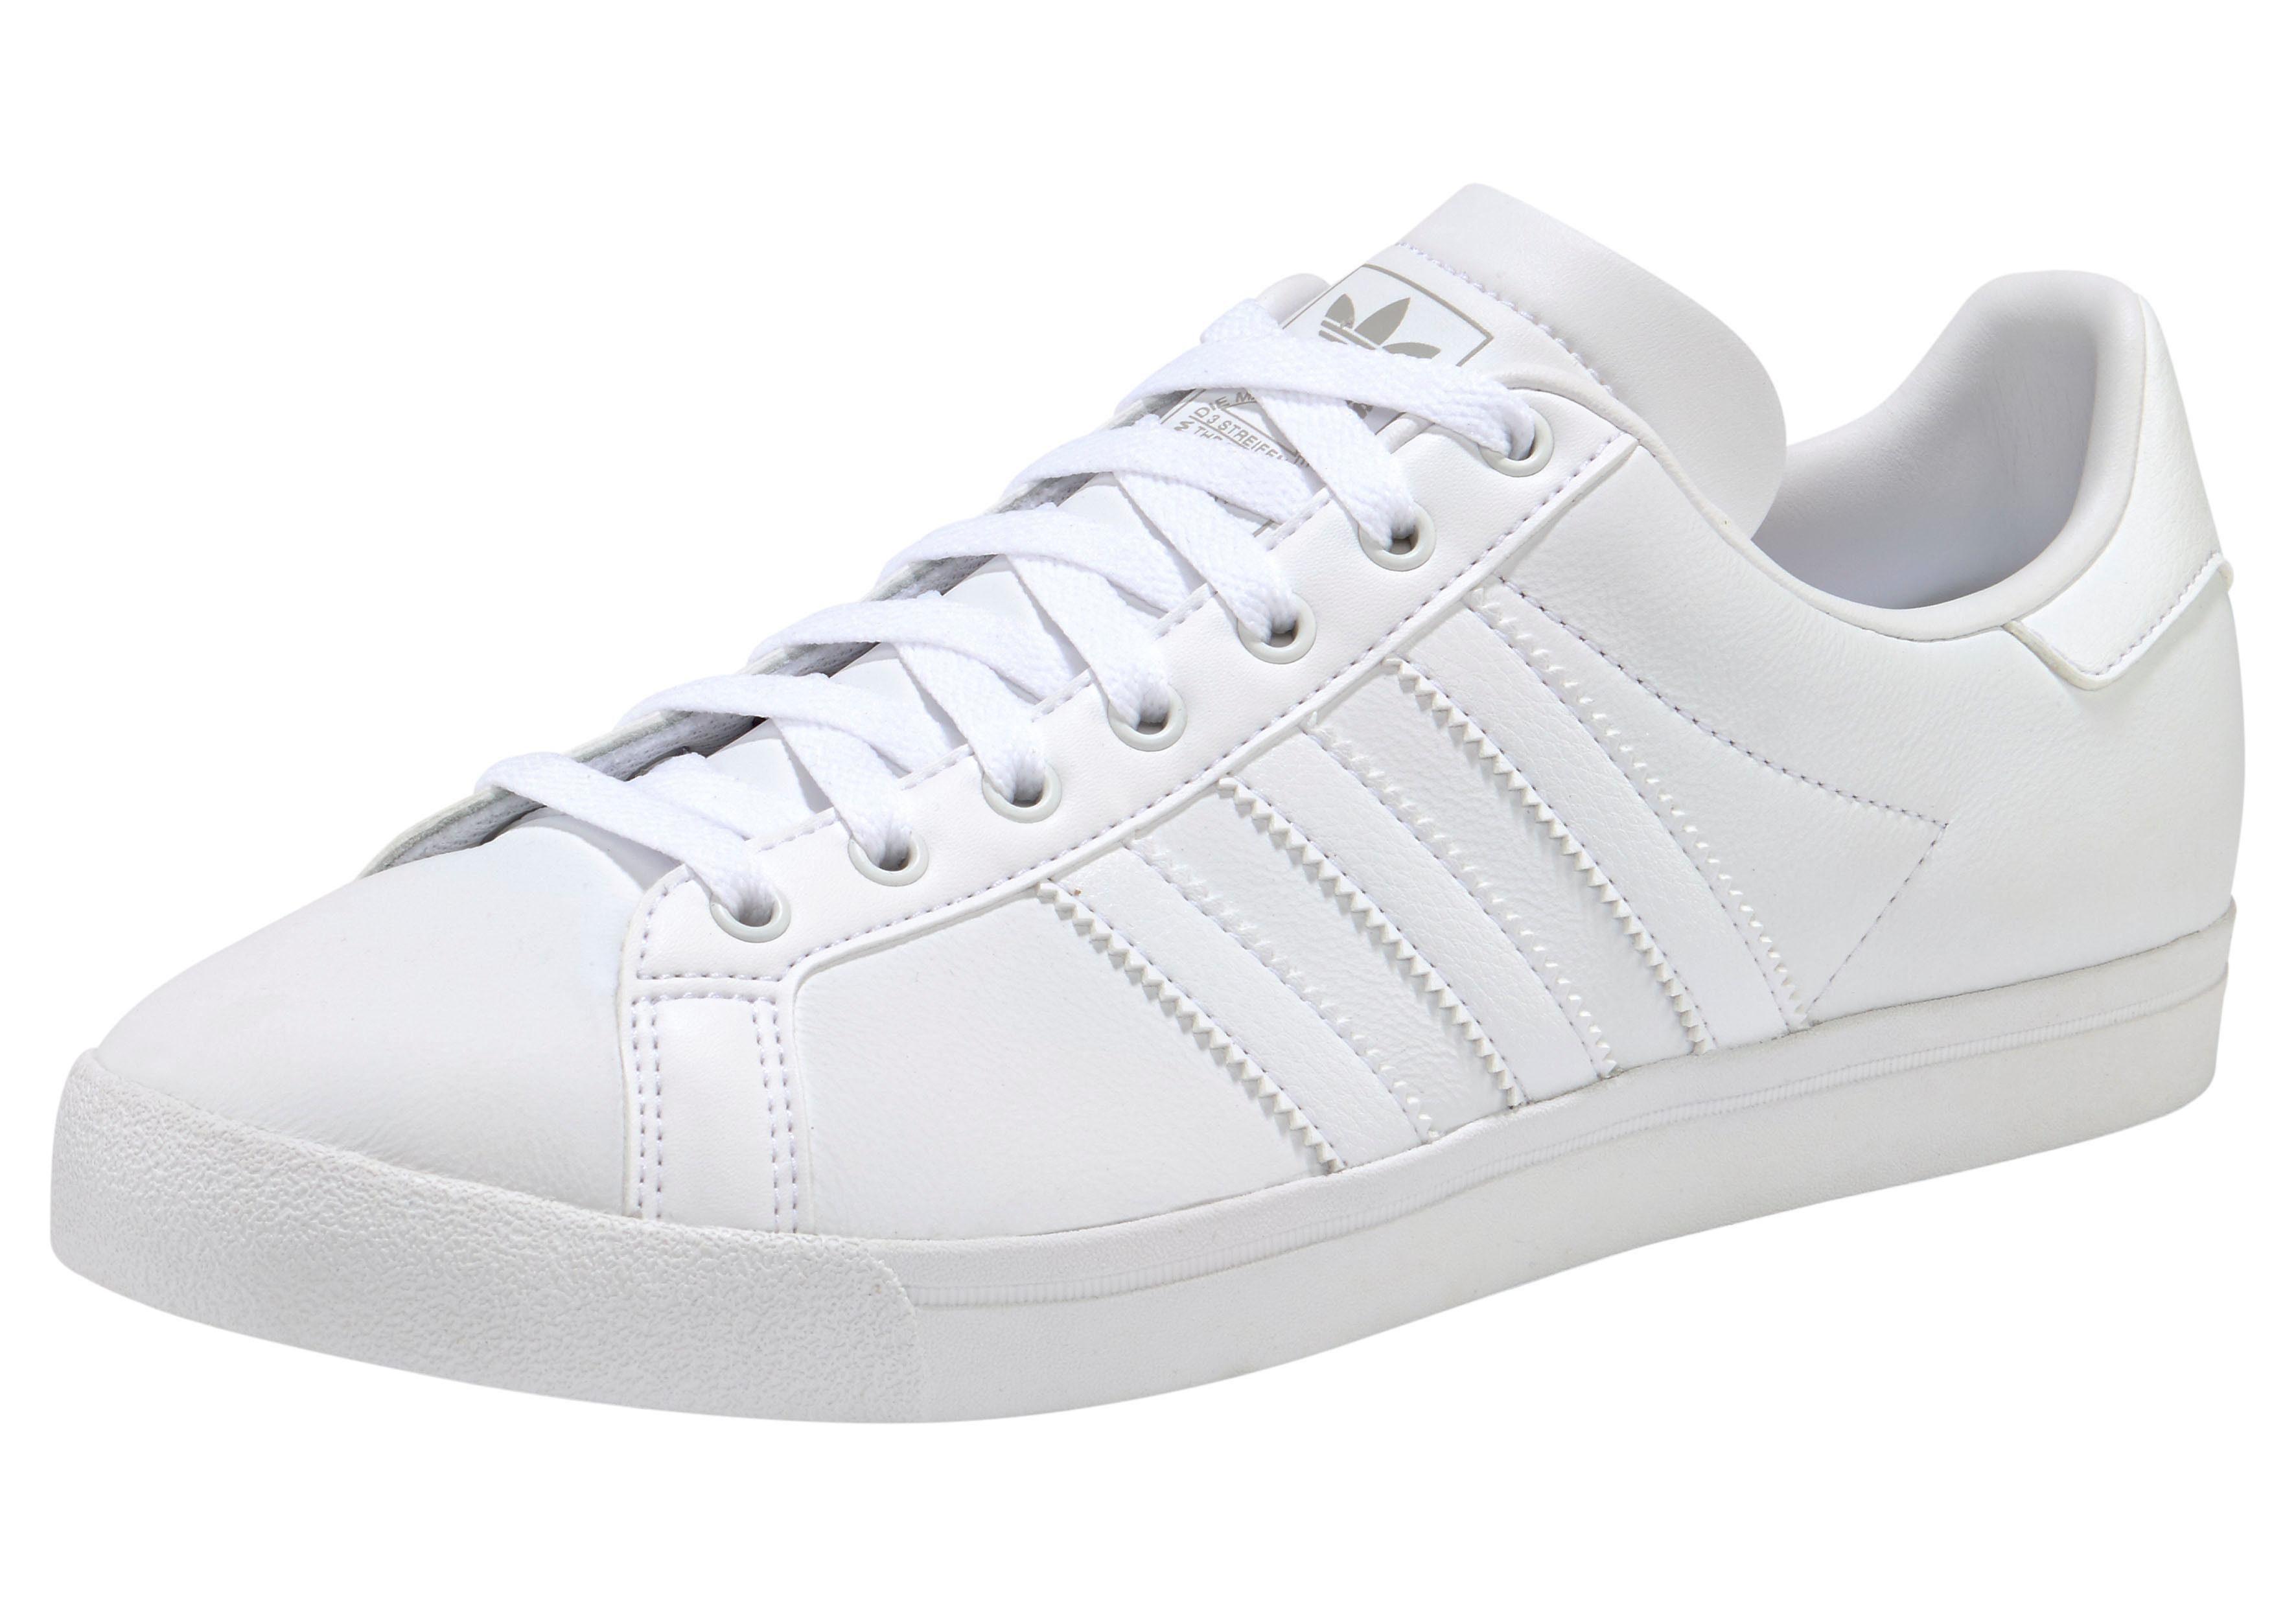 adidas Originals »COAST STAR« Sneaker kaufen | OTTO